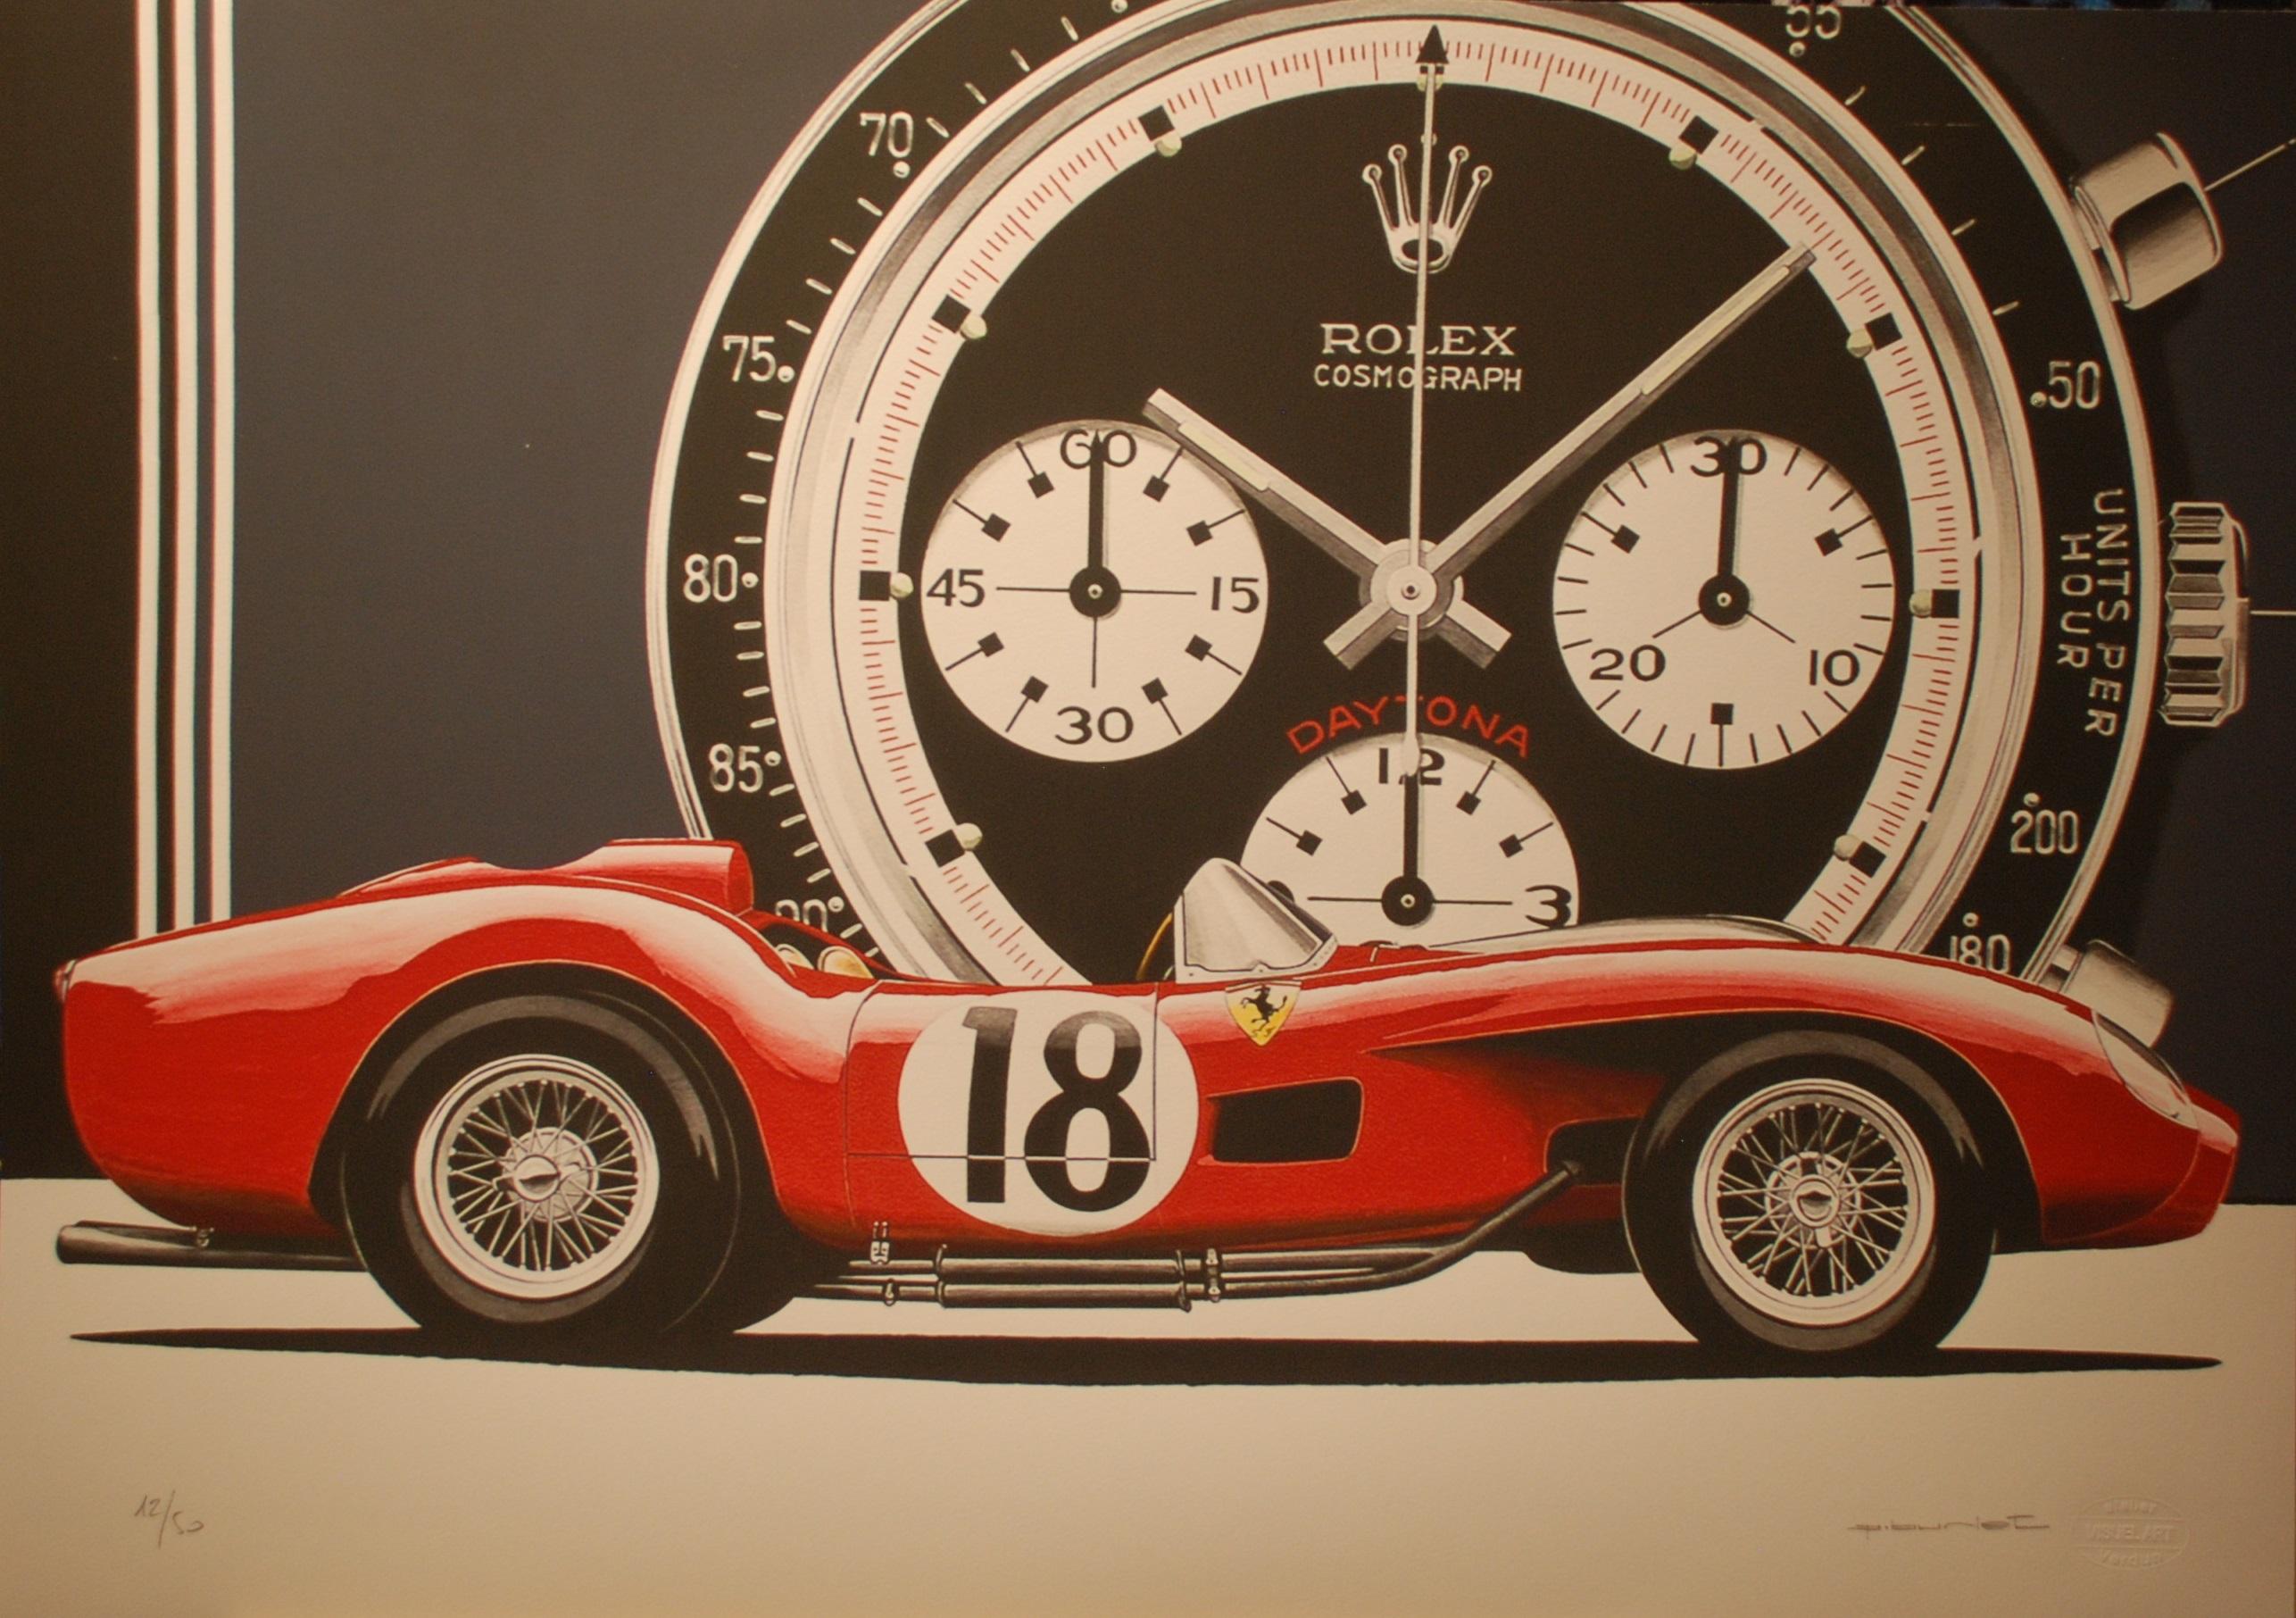 Ferrari Daytona - Rolex